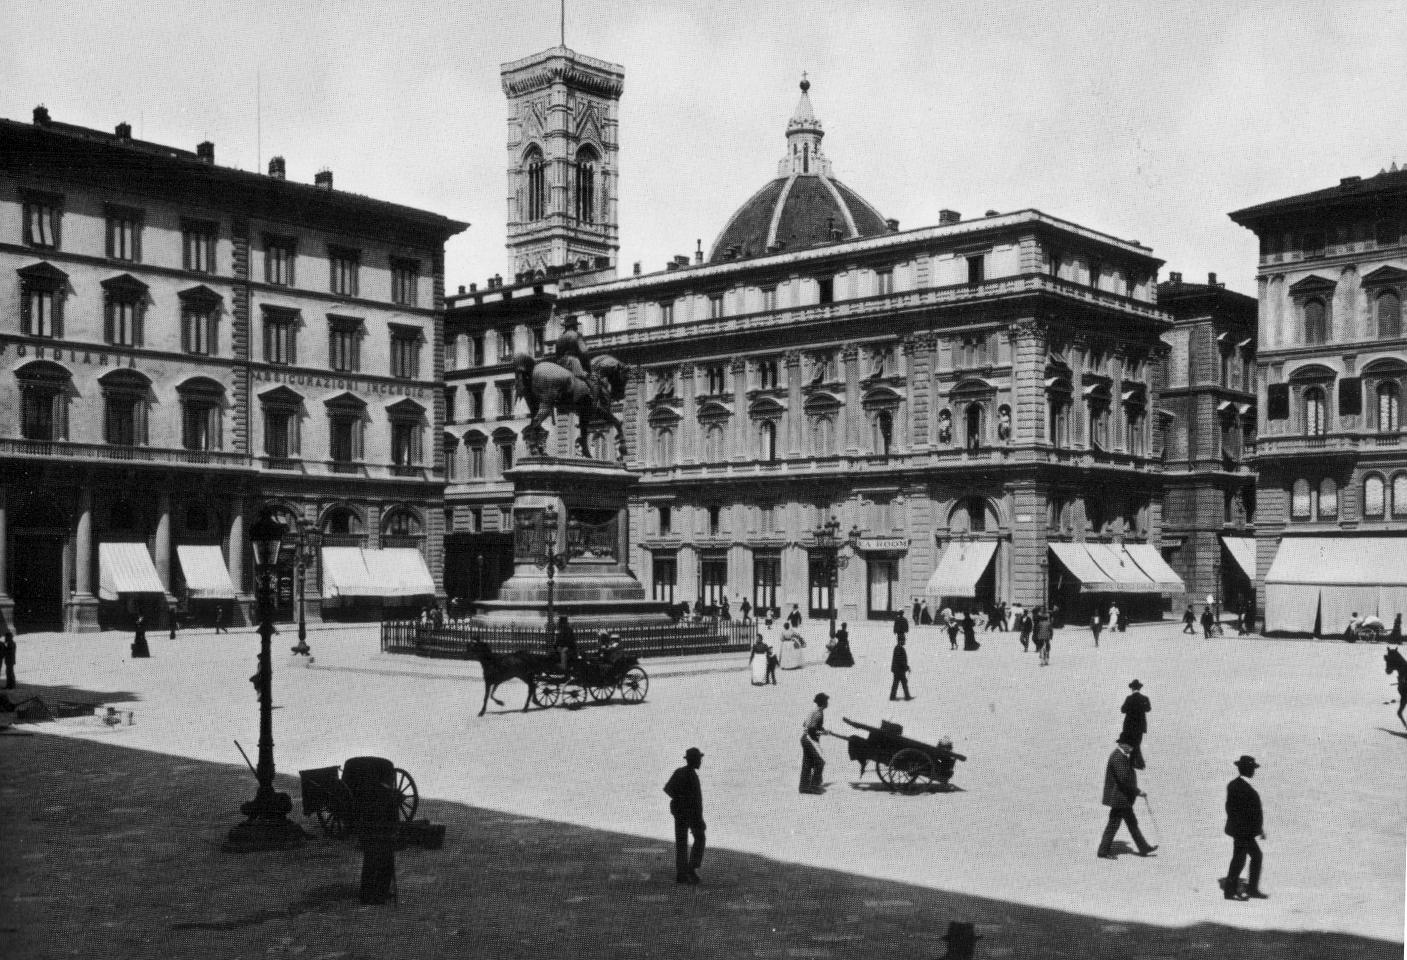 3. Piazza_della_repubblica_in_1895